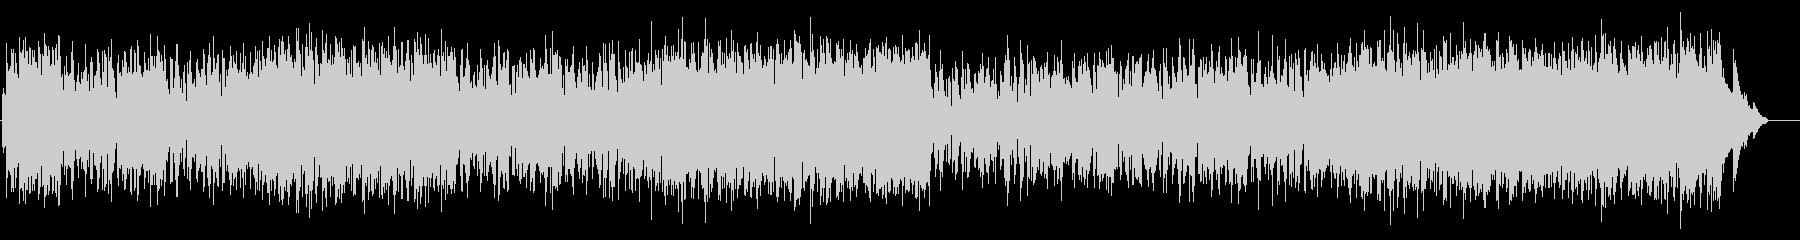 繊細でメロウなアメリカナイズ・サウンドの未再生の波形